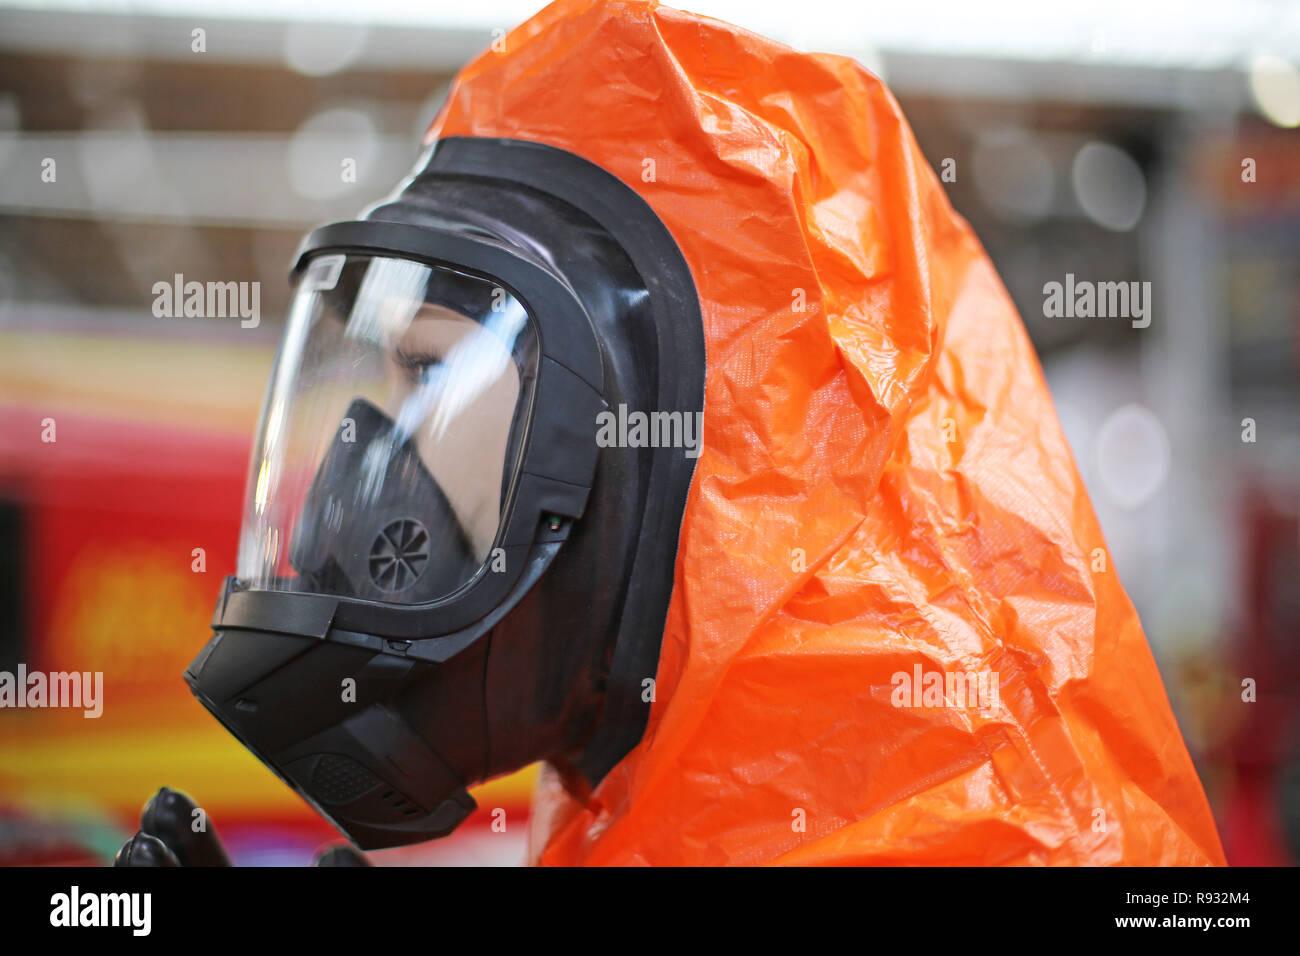 Abbigliamento protettivo con maschera a gas Immagini Stock